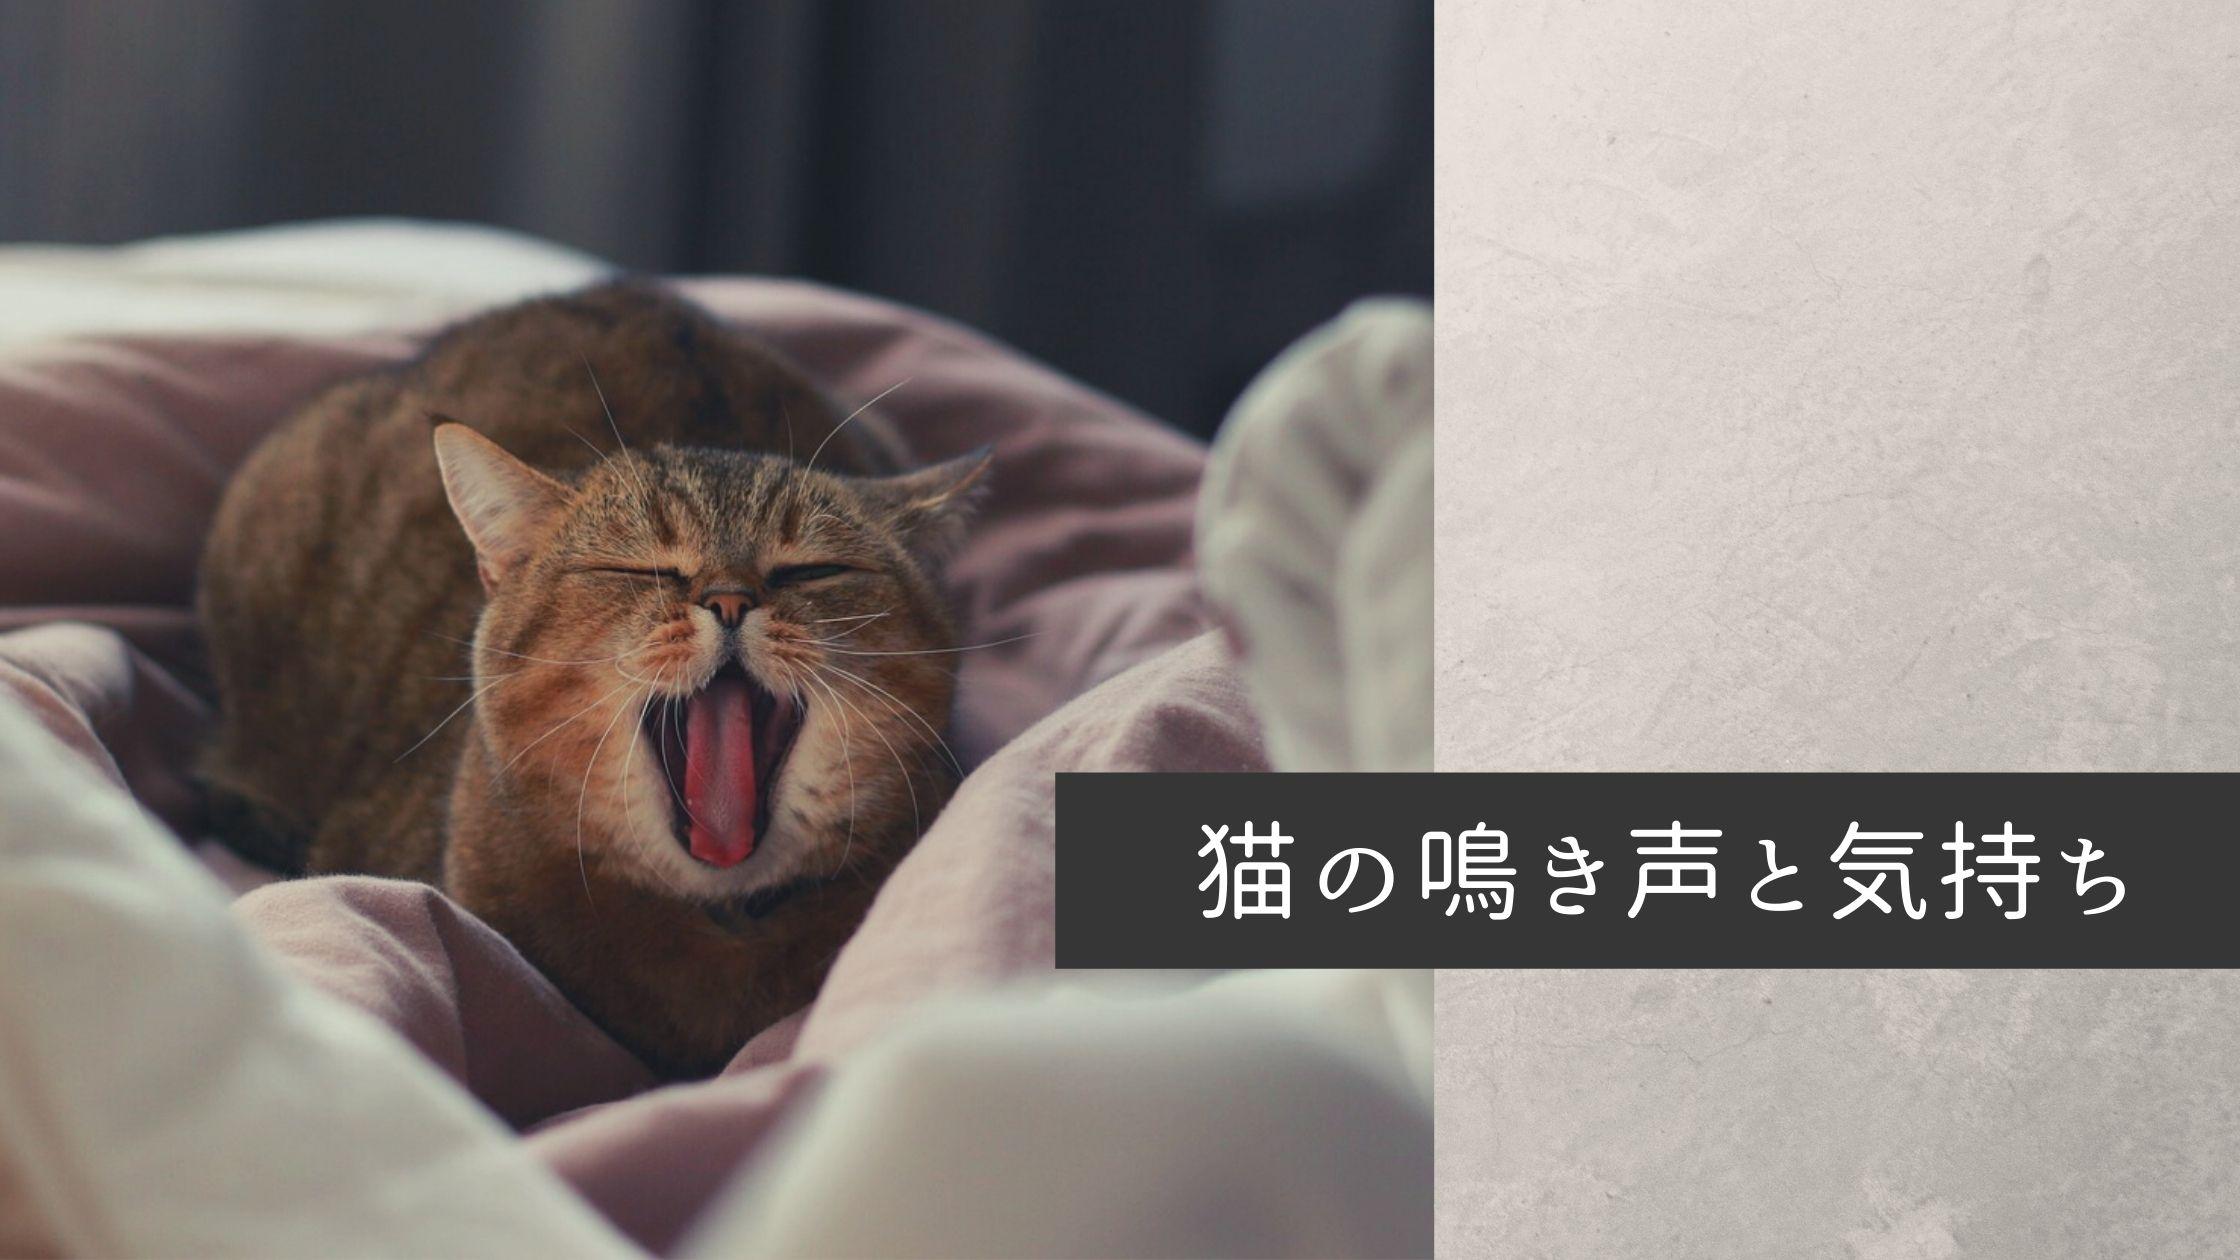 【徹底解明】猫の鳴き方に込められた意味や鳴き声の種類ごとの気持ち